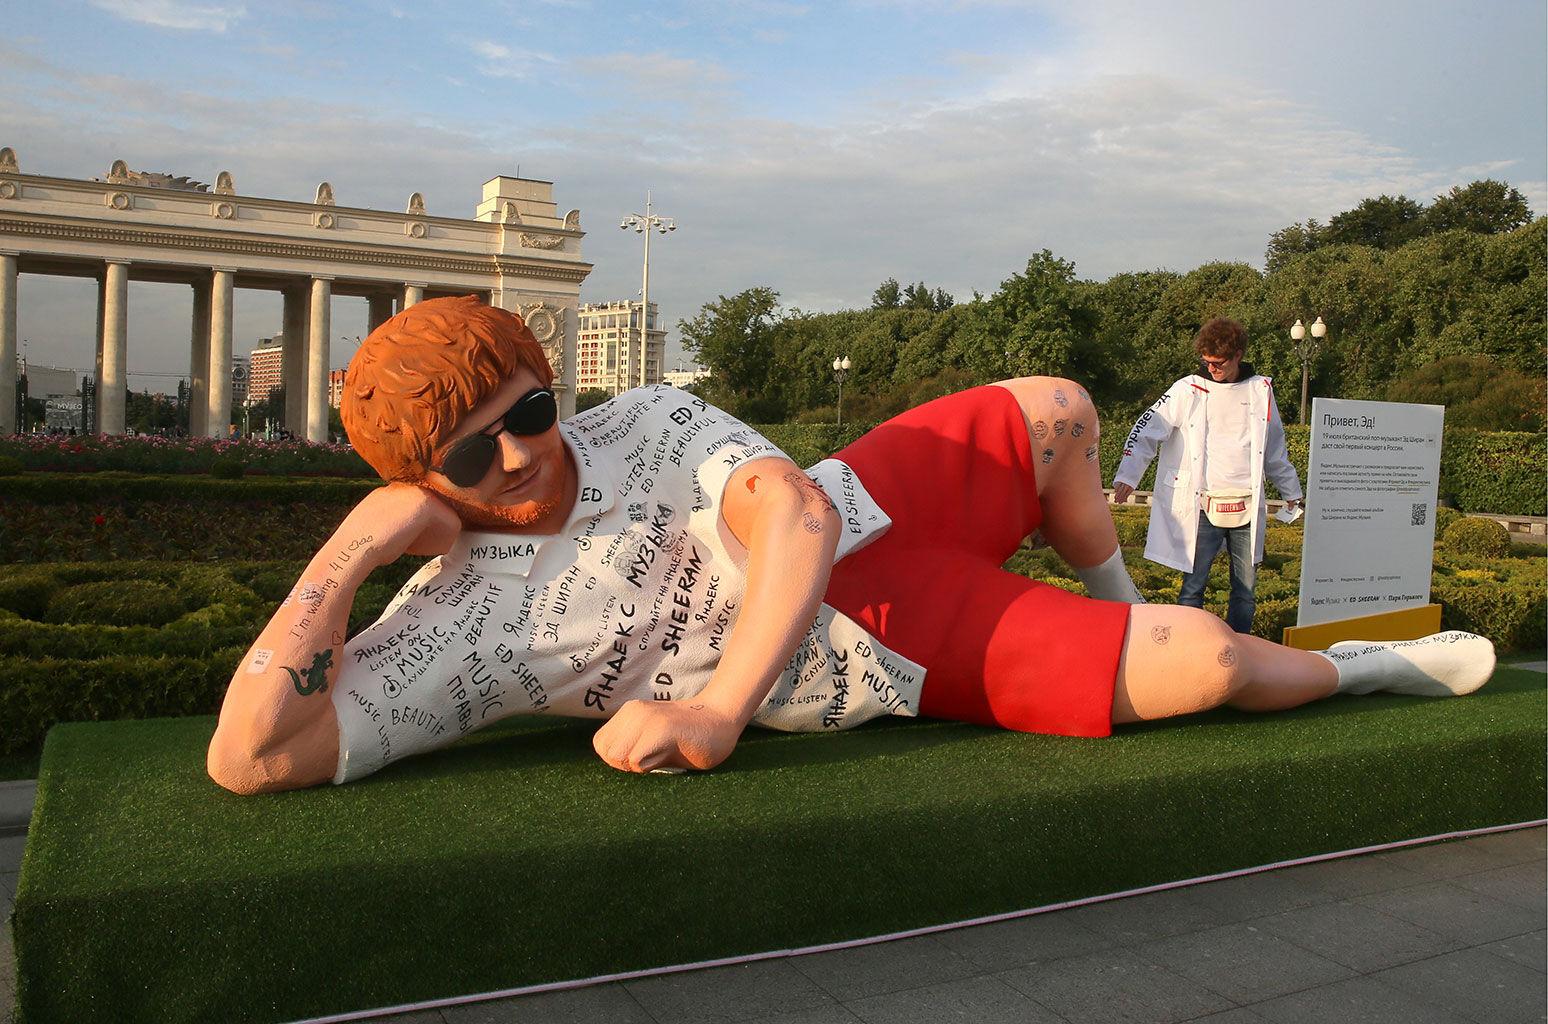 Ed Sheeran szobor moszkva